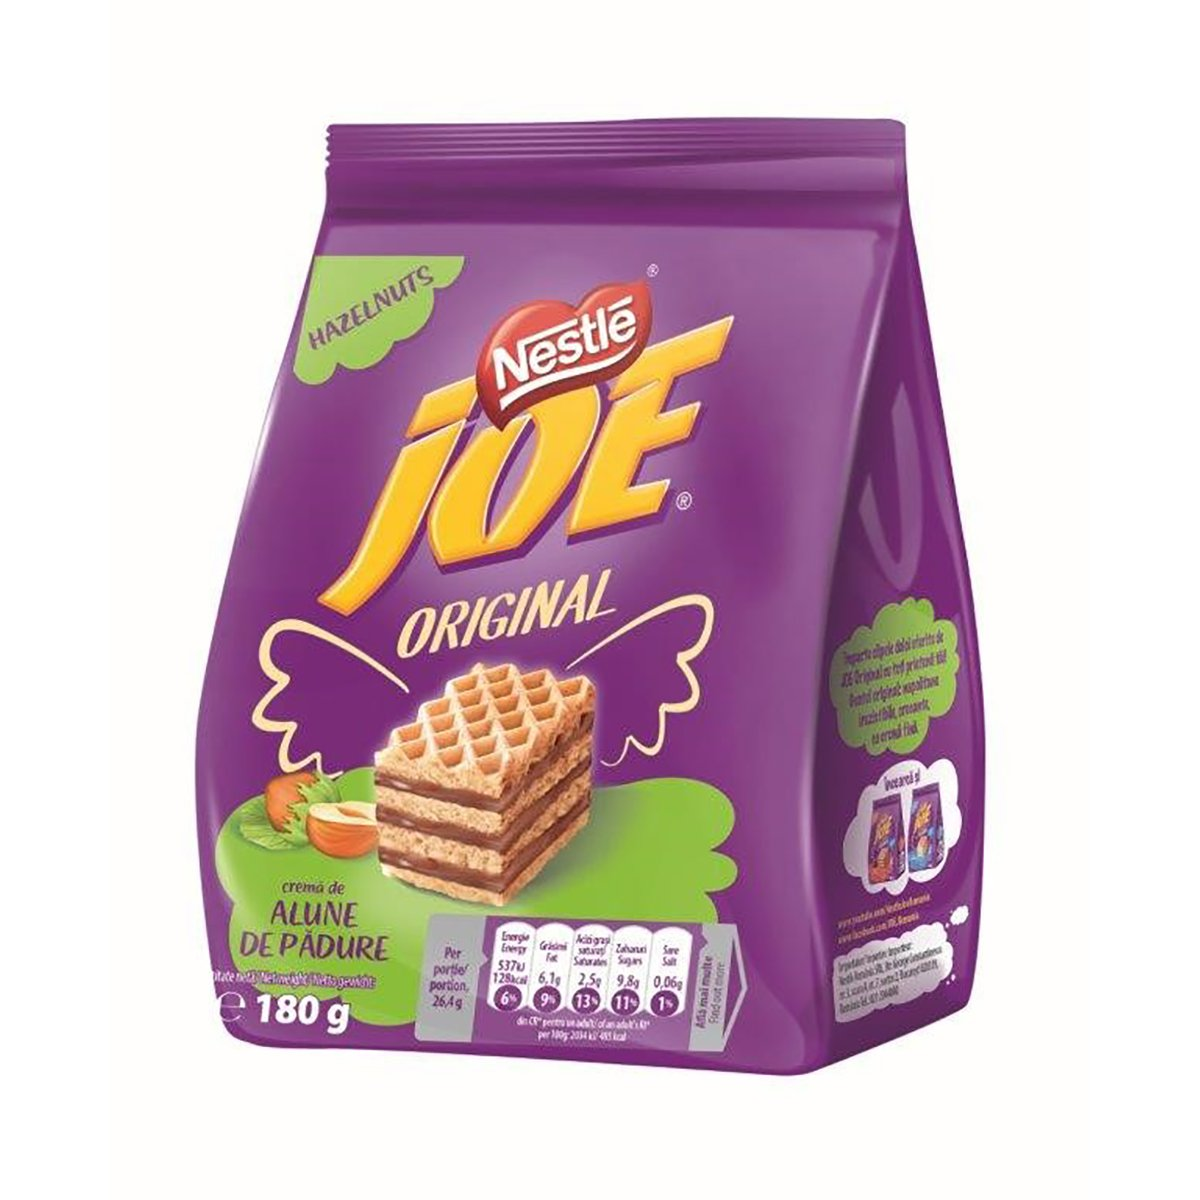 Napolitane cu crema de alune Joe Original, 180 g imagine